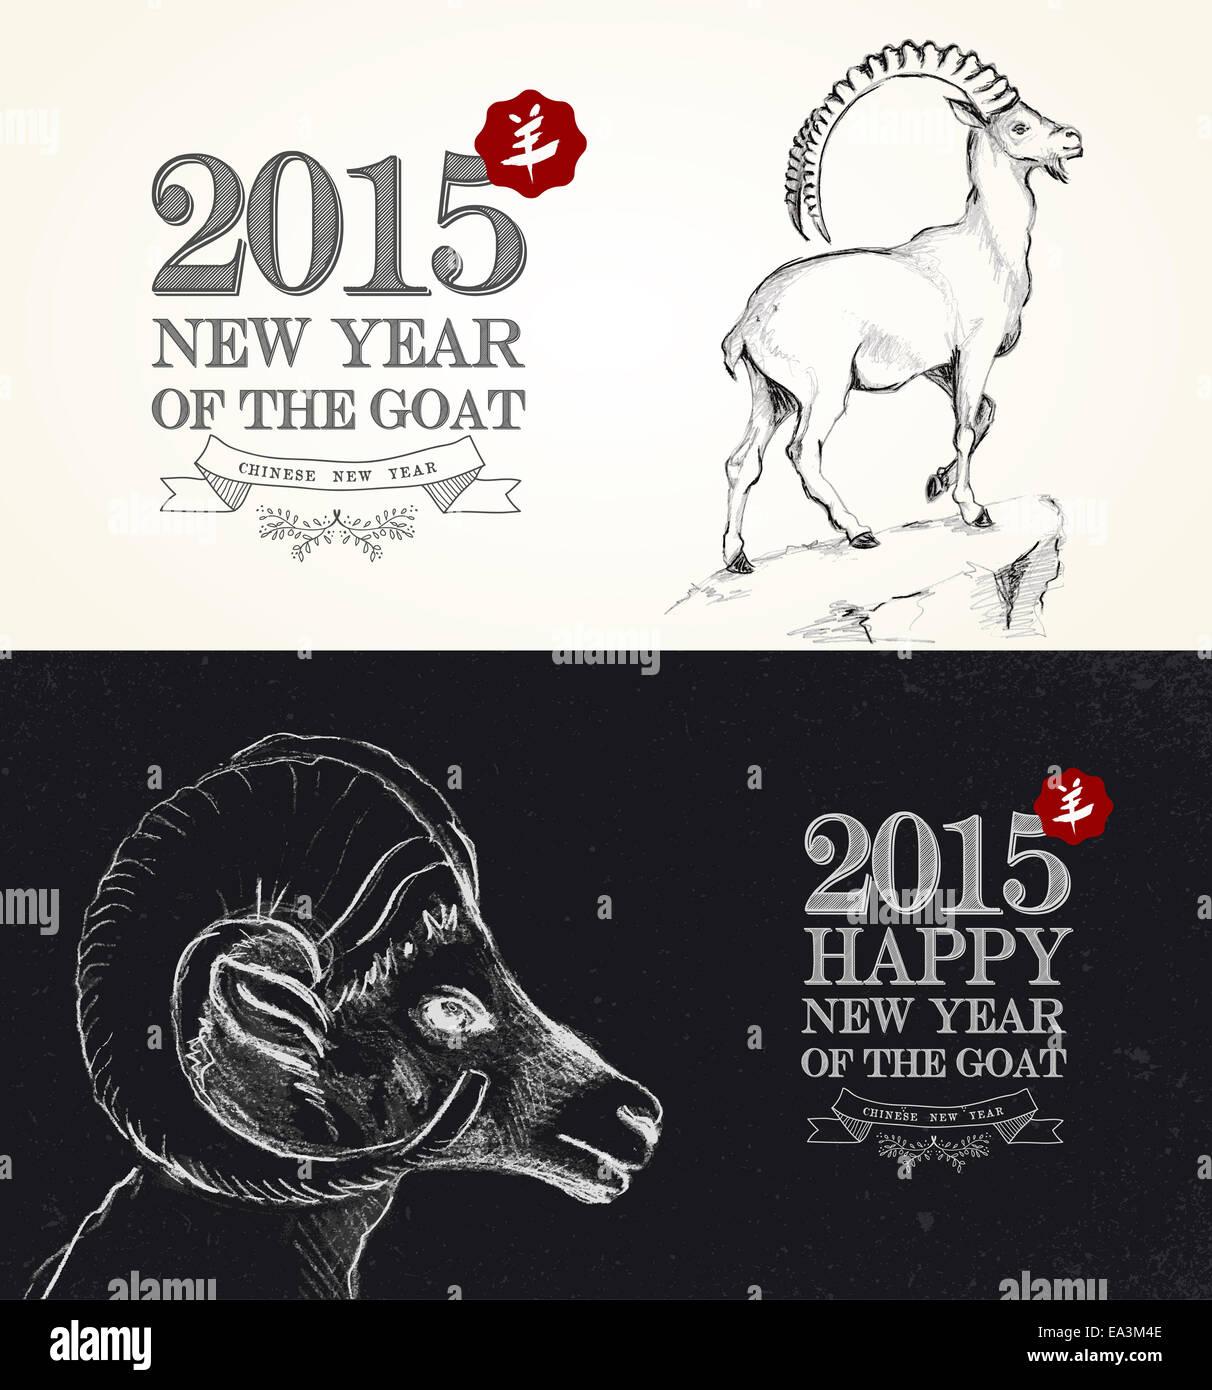 Chinesisches neues Jahr der Ziege 2015 Hand gezeichnet Vintage ...